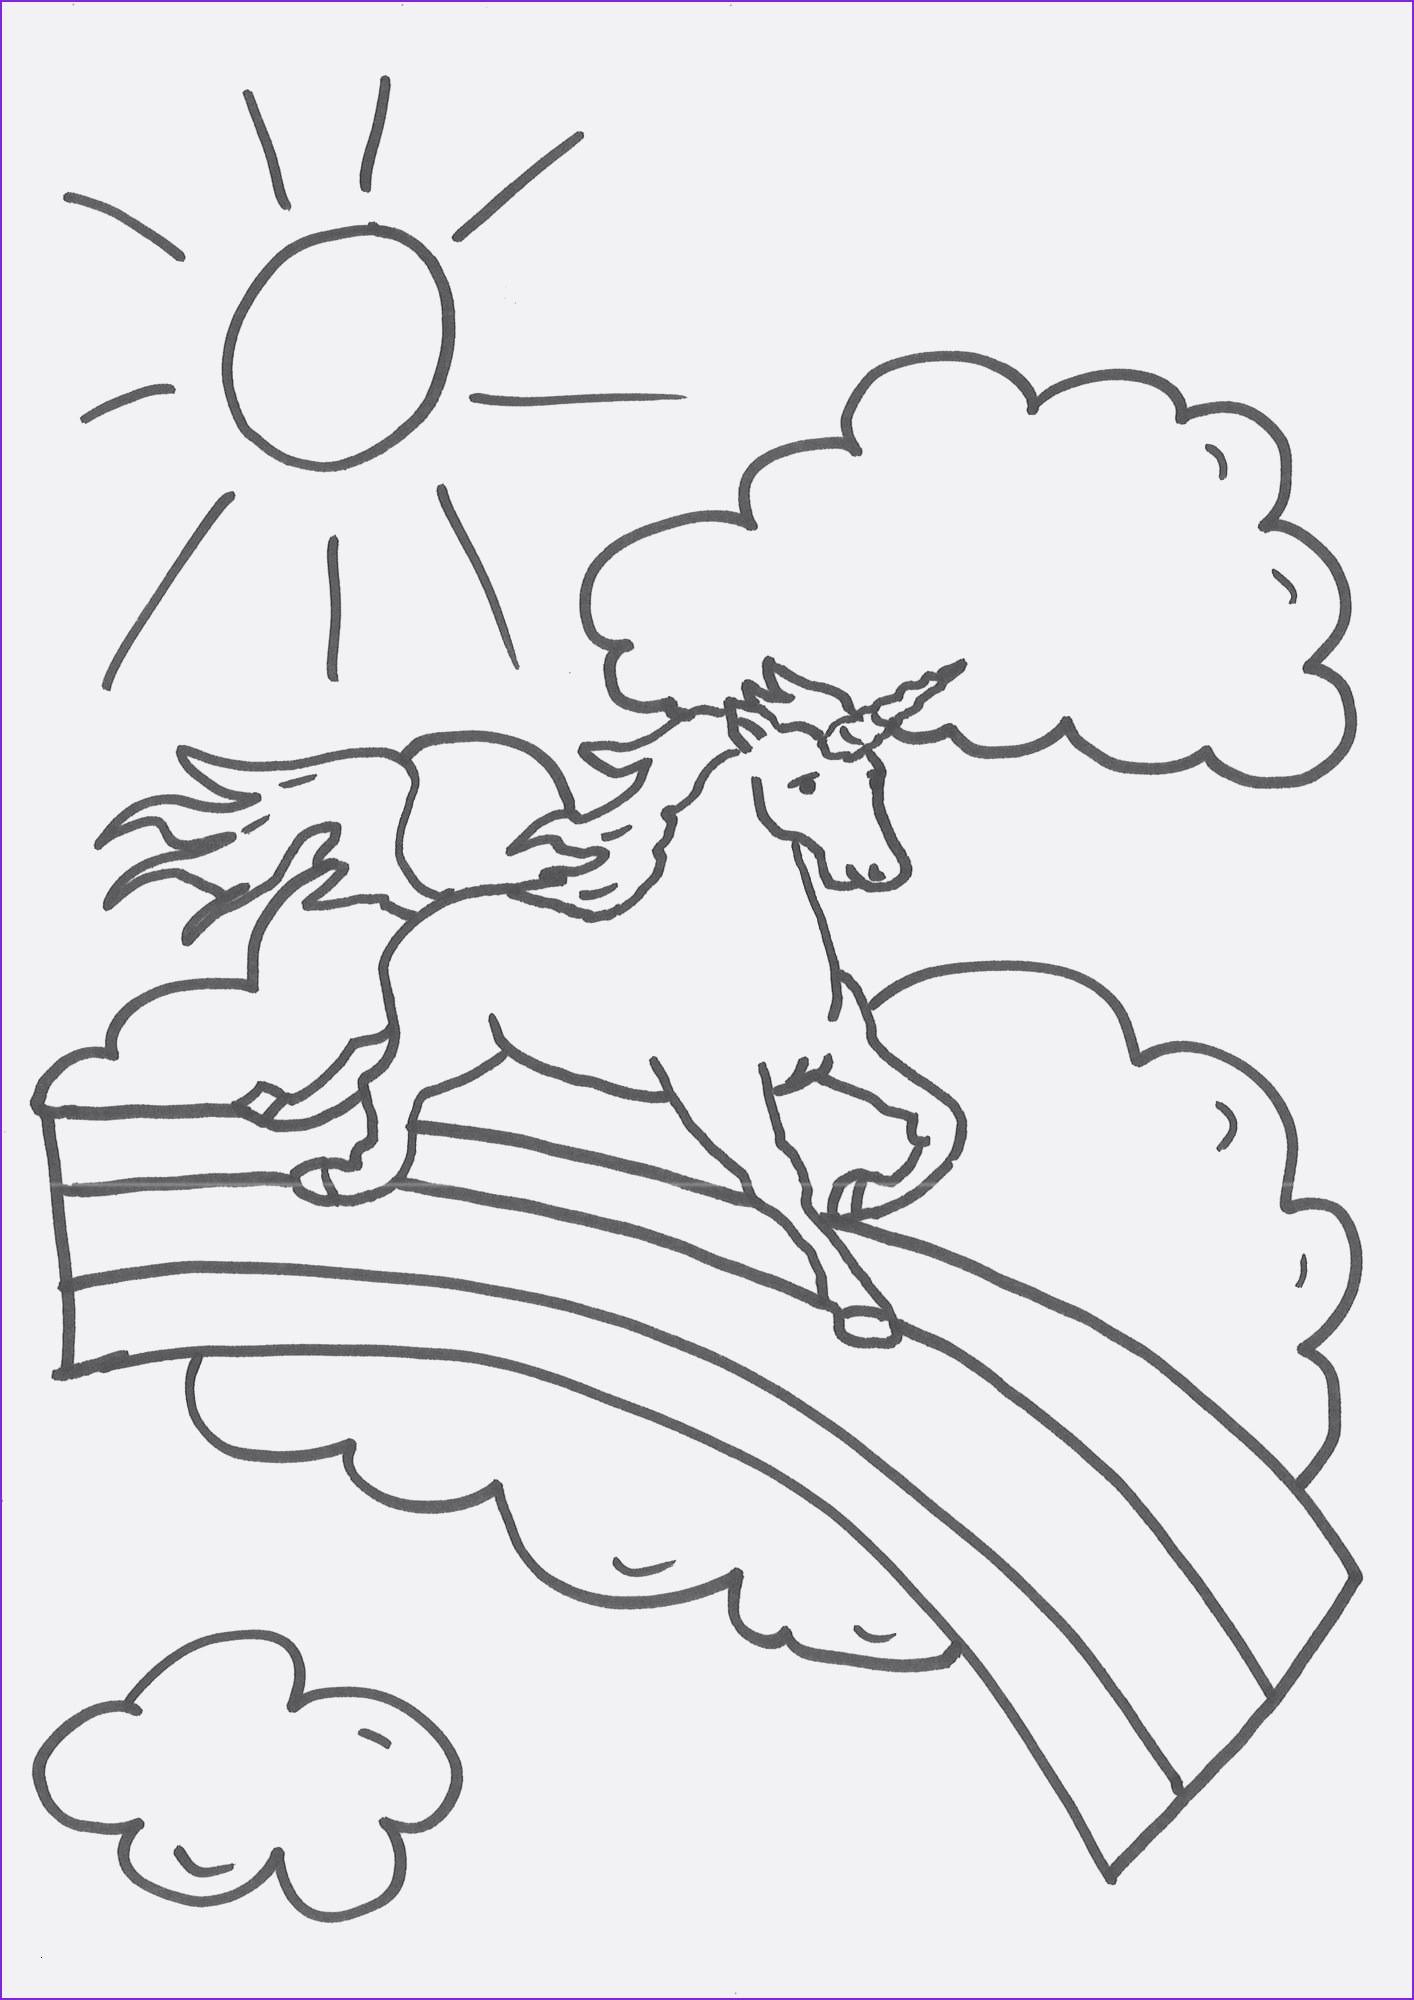 Filly Pferd Ausmalbilder Einzigartig 45 Luxus Malvorlagen Filly Pferde Mickeycarrollmunchkin Stock